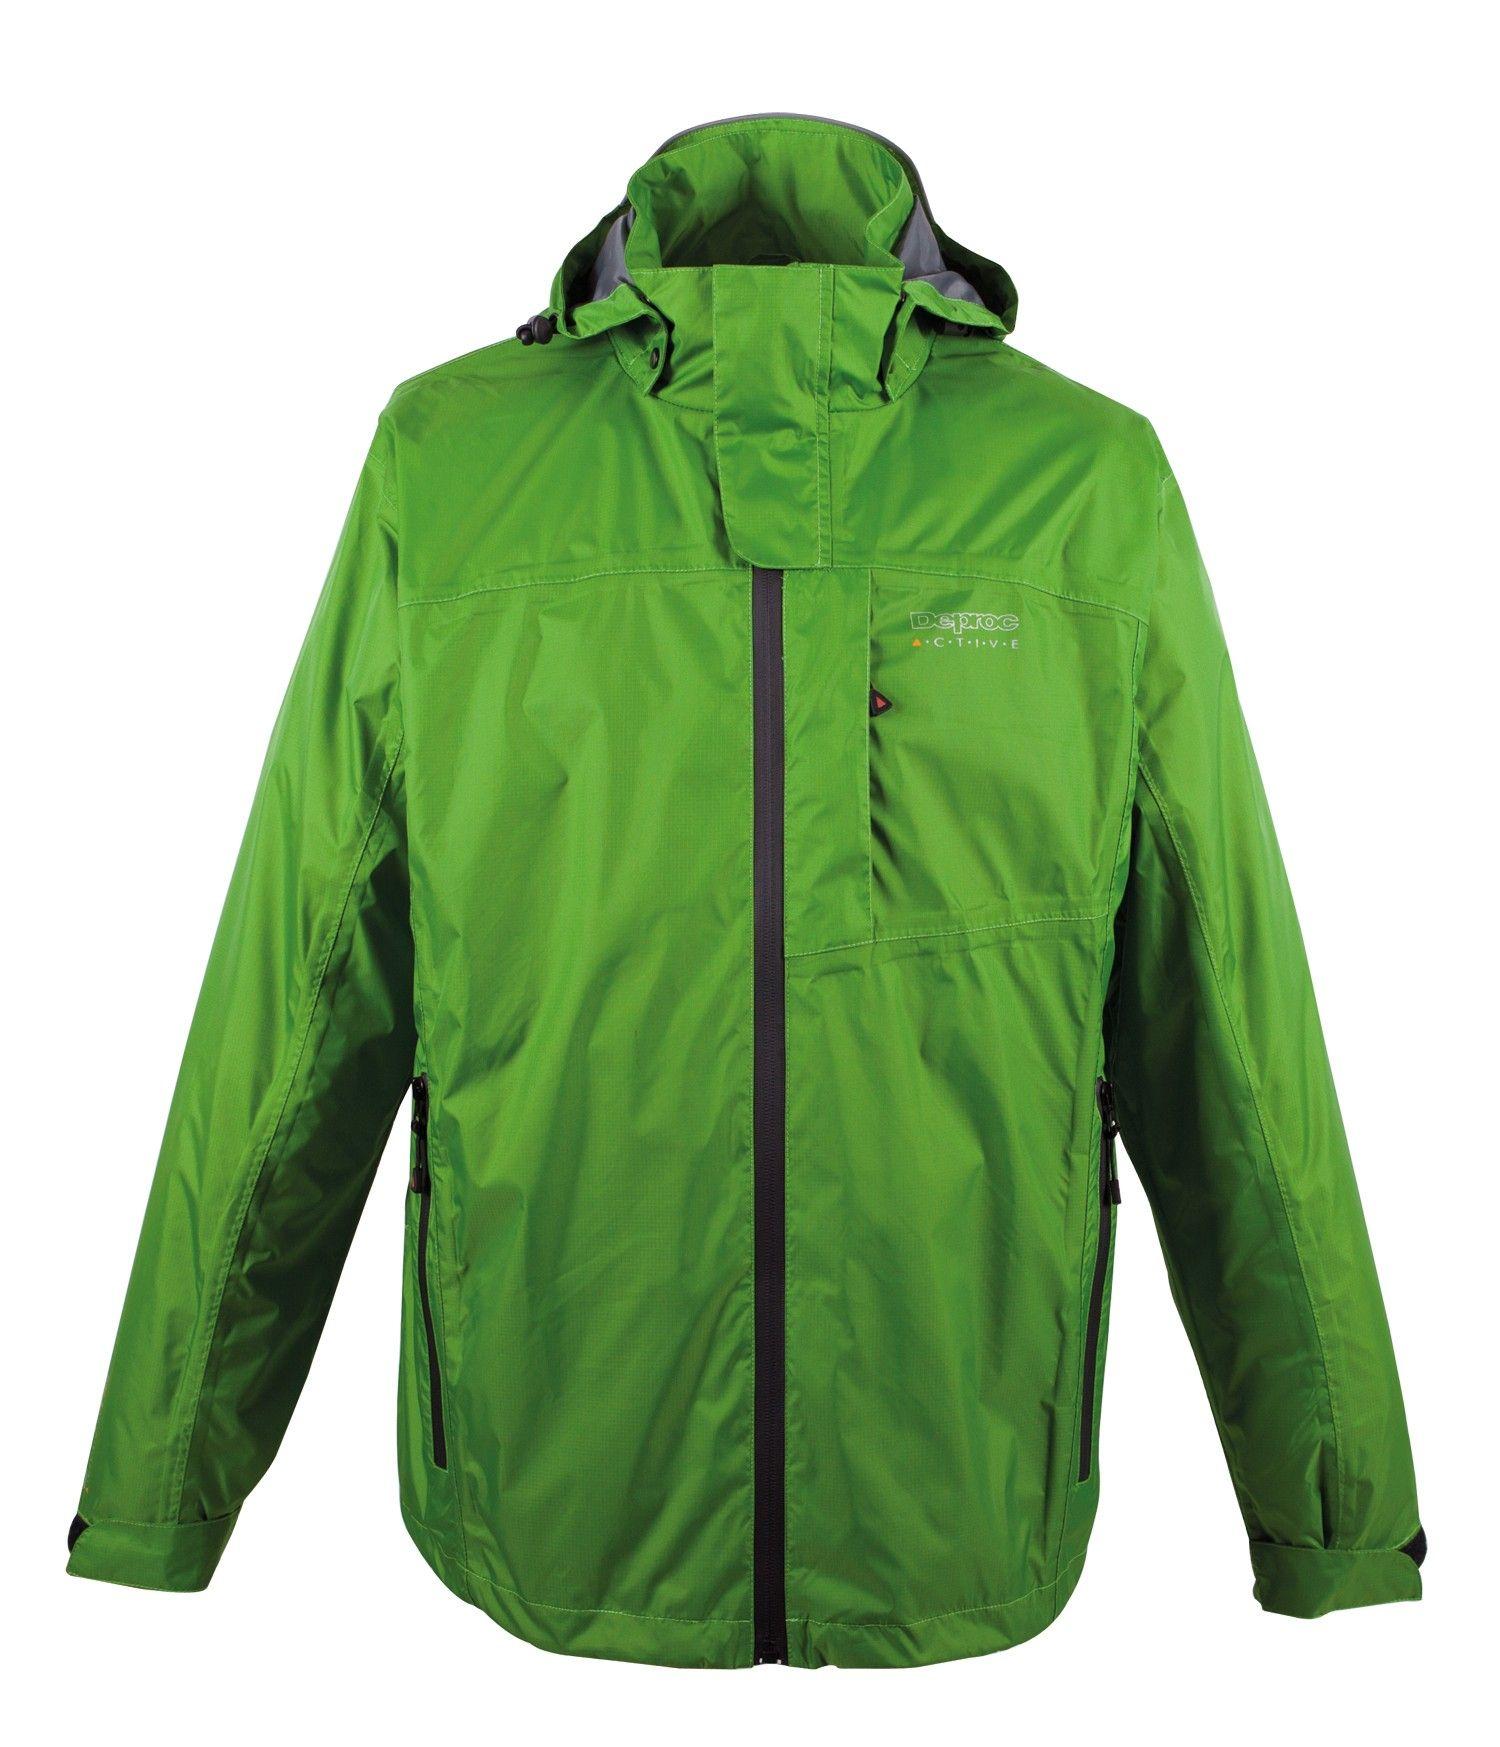 Hochwertige einfarbige Regenjacke mit vielen durchdachten Details für jesdes Wetter. Price 79,95€